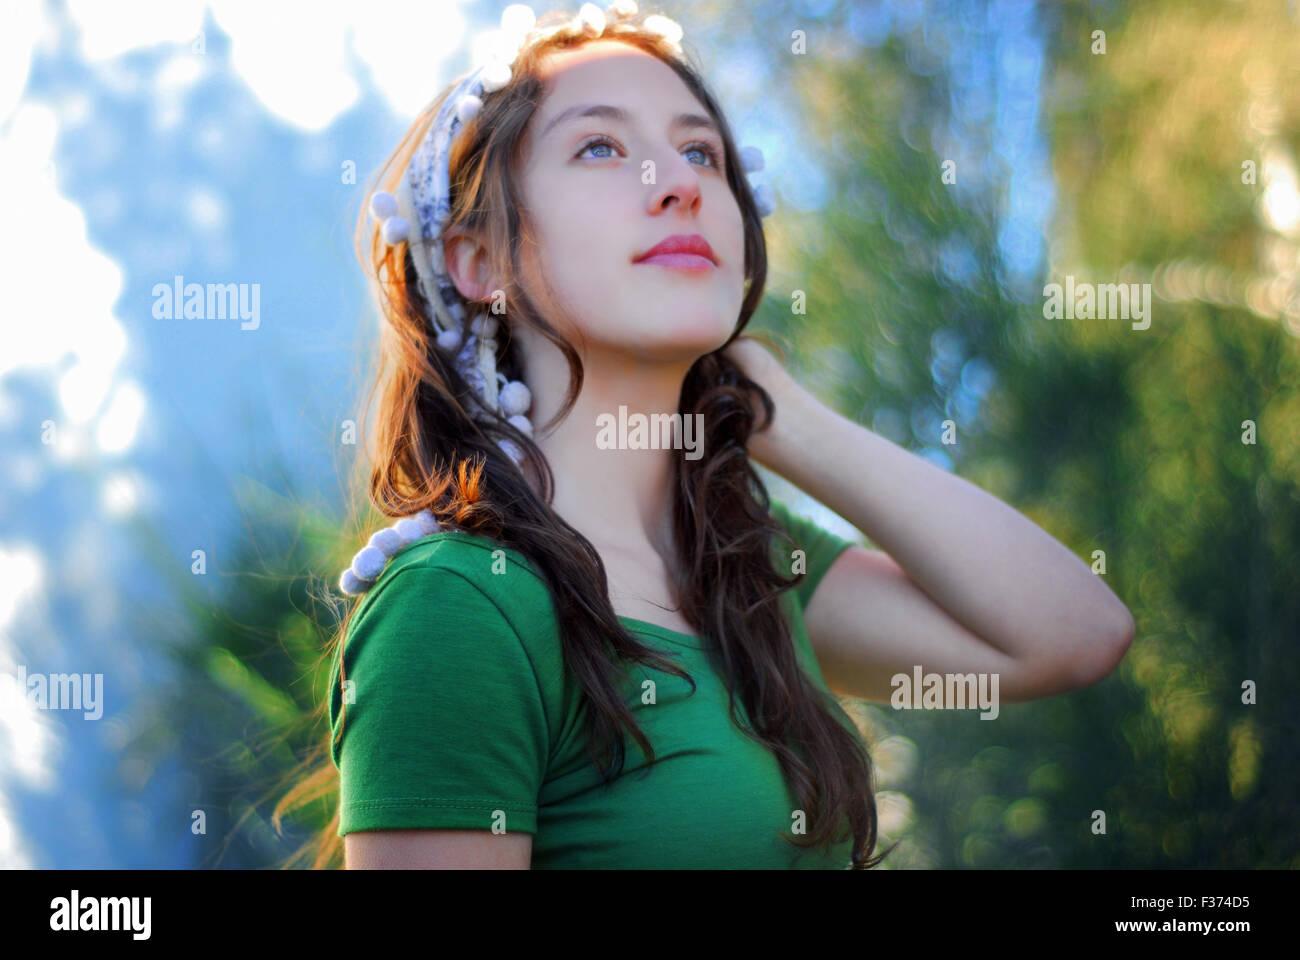 Belle jeune fille aux yeux bleus regardant le ciel Photo Stock